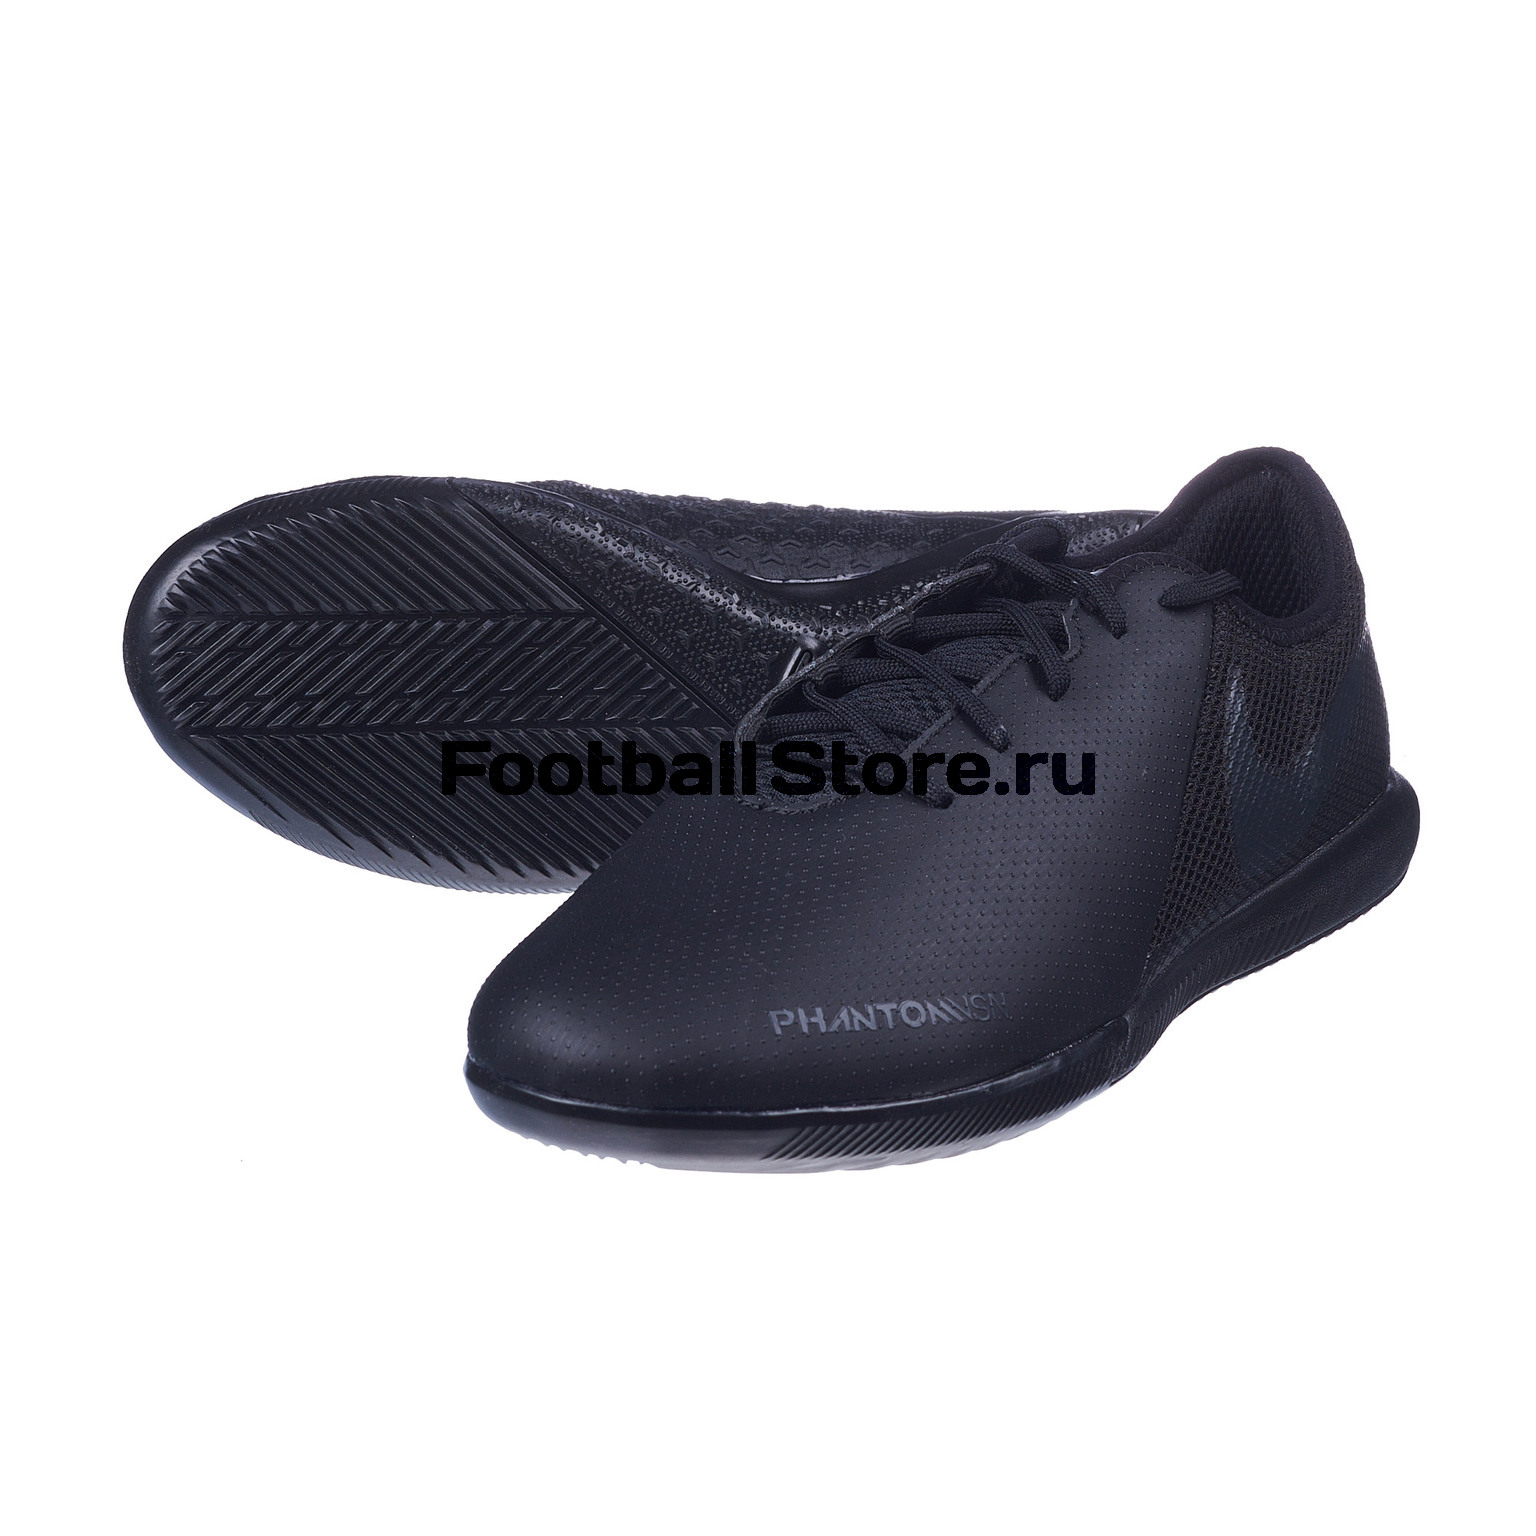 Обувь для зала Nike Phantom Vision Academy IC AO3225-001 обувь для зала nike phantom vision club df ic ao3271 001